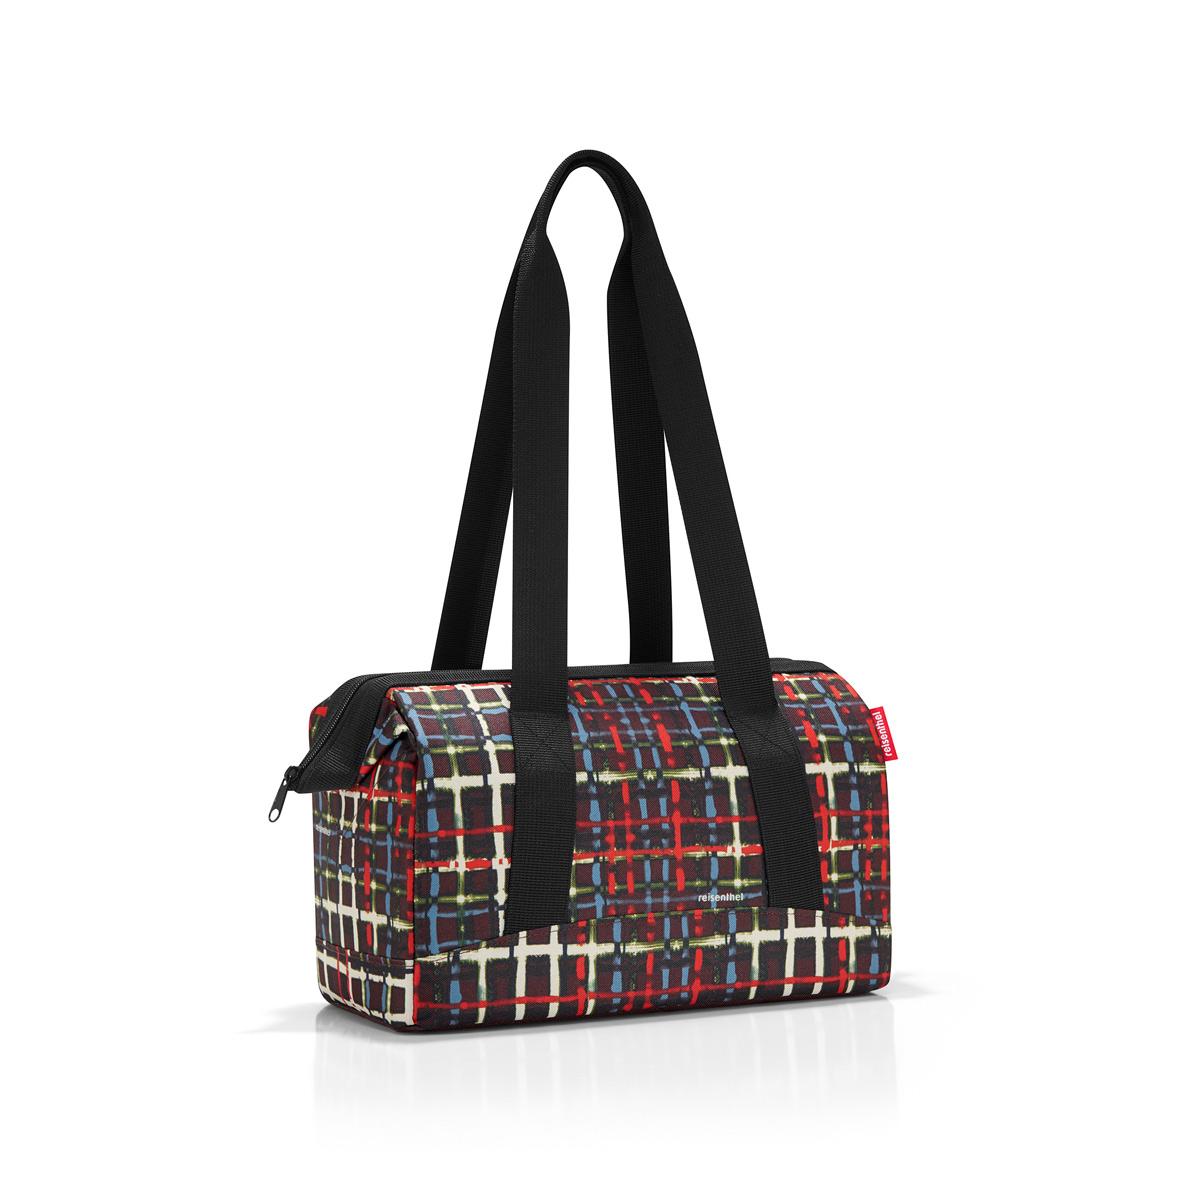 Сумка Reisenthel, цвет: черный, красный, синий. MR7036MR7036Вместительная сумка Reisenthel изготовлена из текстиля с оригинальным принтом. Сумка имеет одно отделение, которое закрывается на застежку-молнию. Внутри расположены шесть накладных карманов, два из которых на резинке. В изделие встроены металлические скобы, фиксирующие его в открытом положении. Сумка оснащена двумя длинными ручками, позволяющими носить изделие на плече.